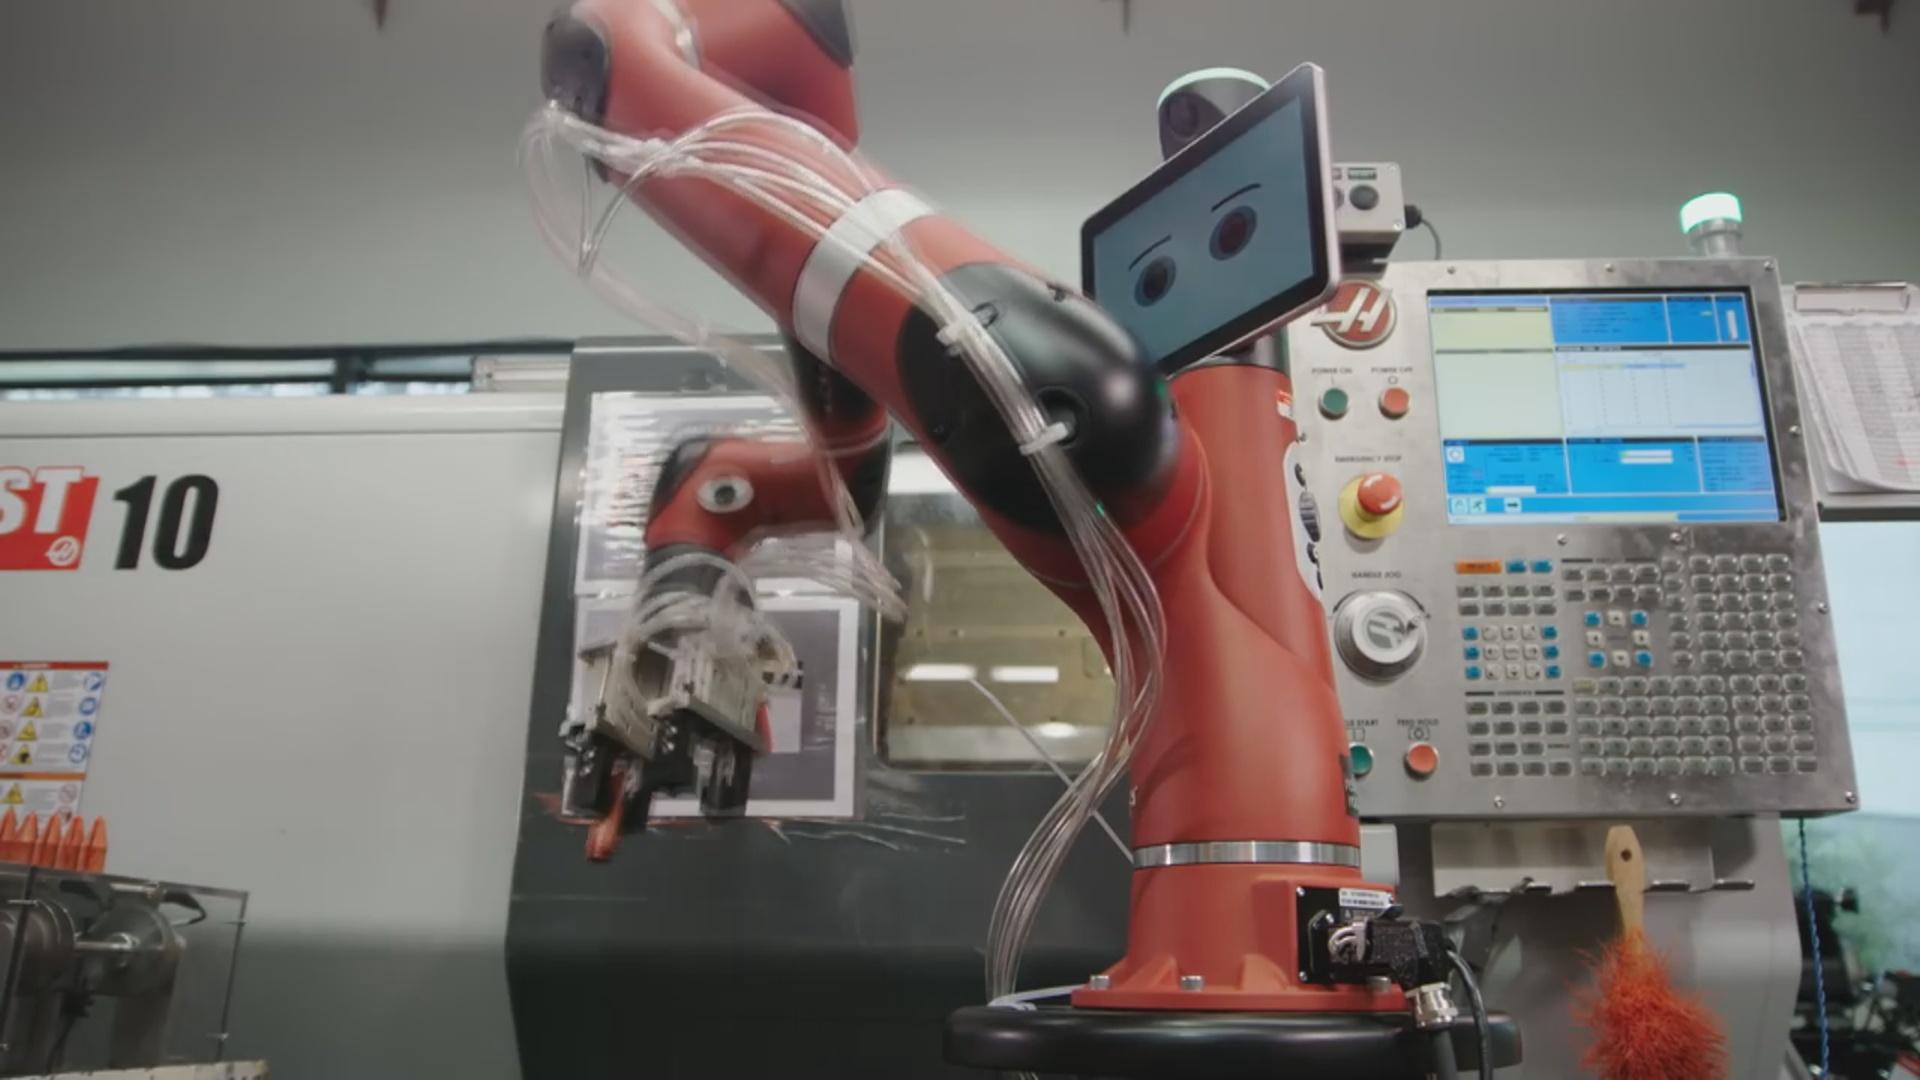 Altıncı hissə malik olan robotlar təhlükəsizliyə zəmanət verir